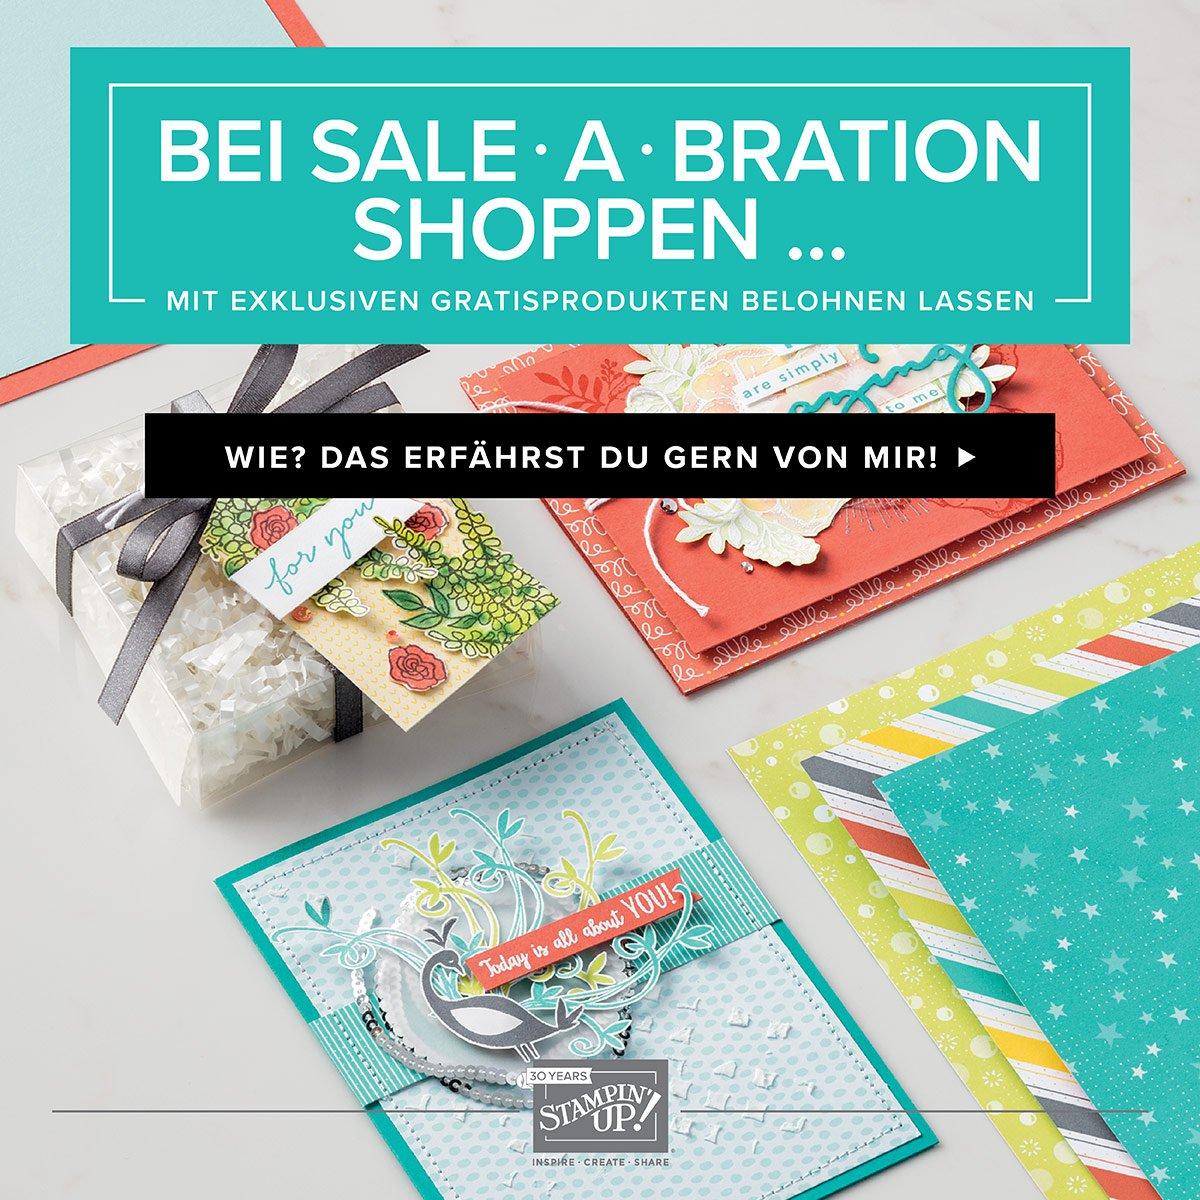 Neuer Katalog und Sale-A-Bration